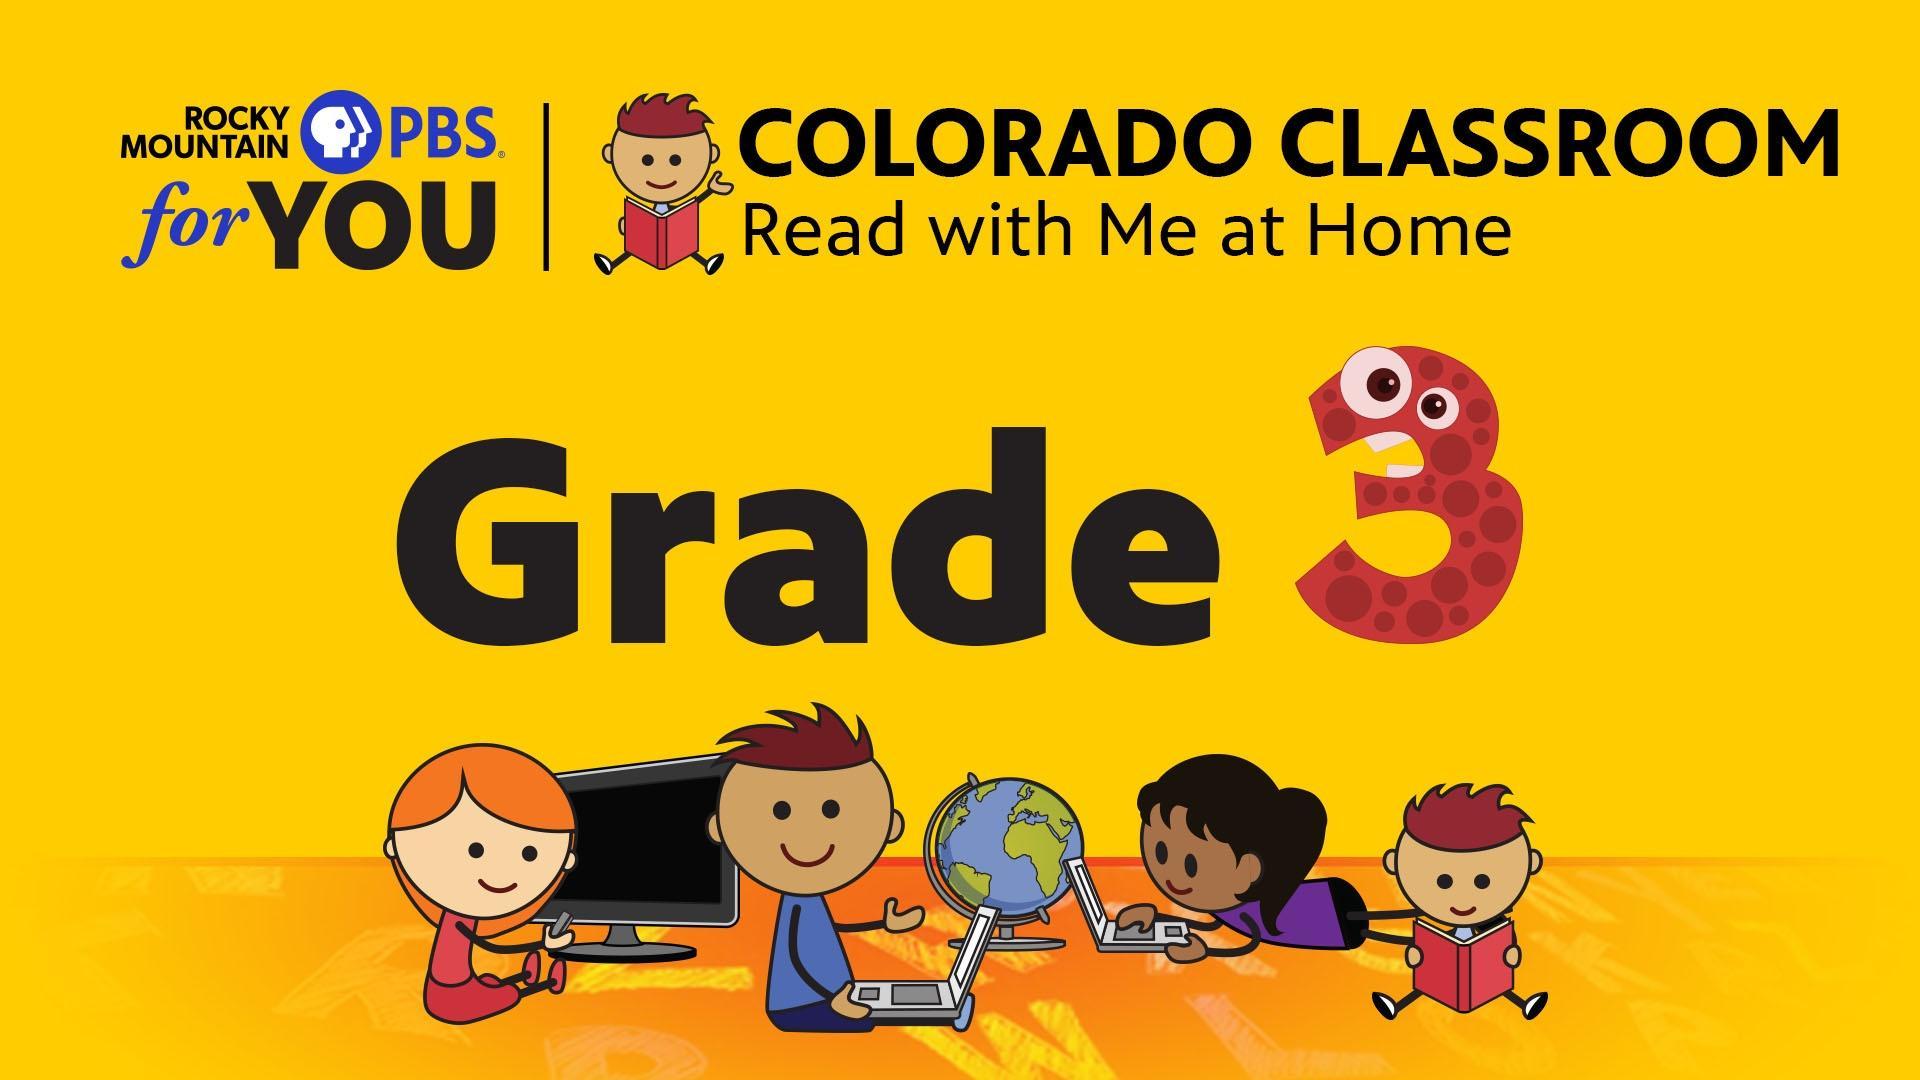 Colorado Classroom